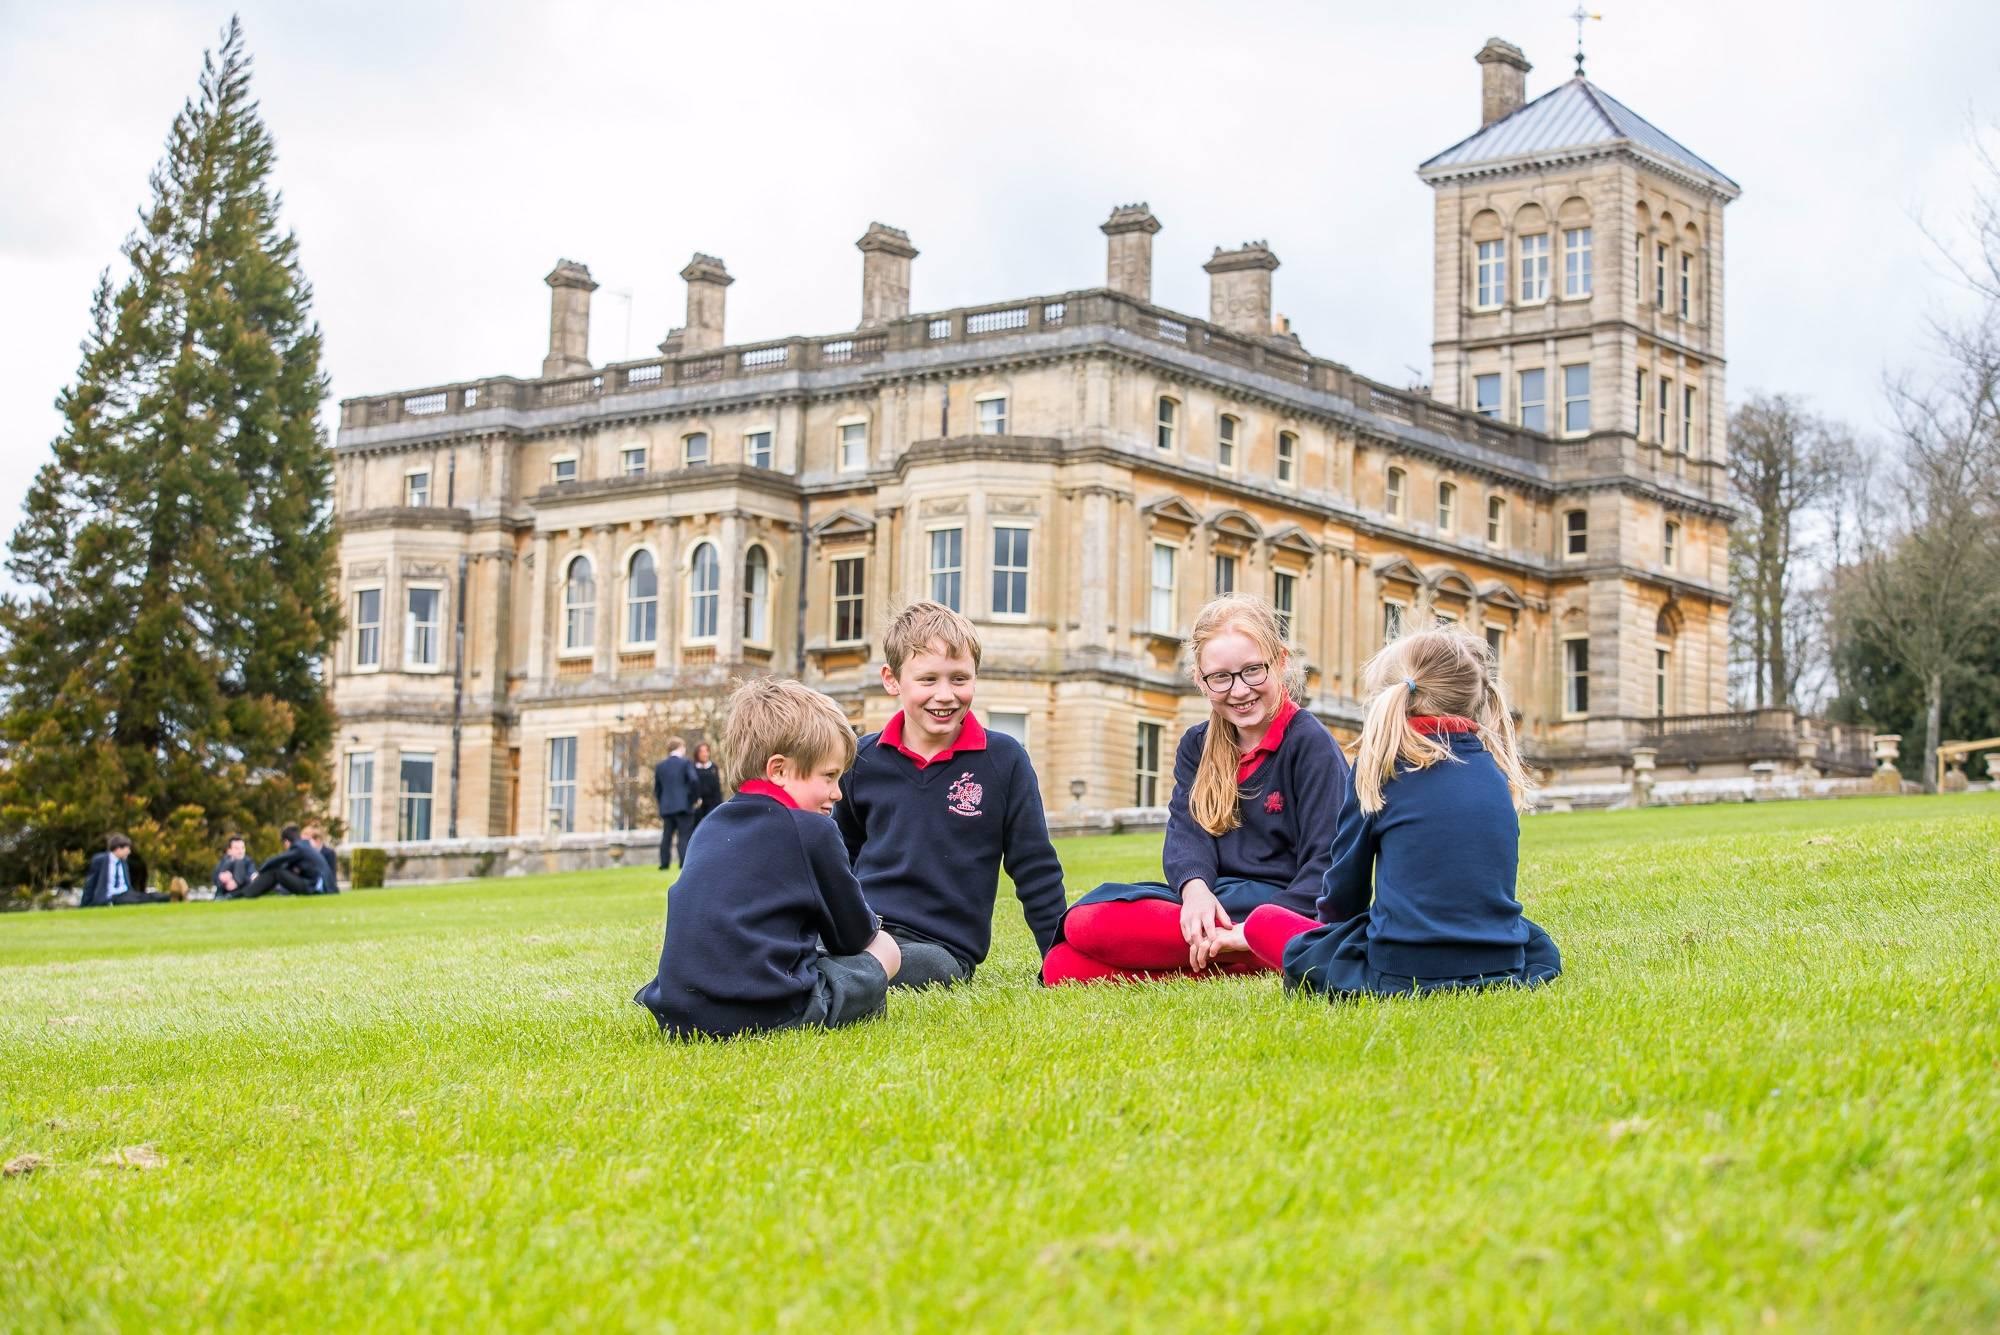 Образование в великобритании: финансирование, система